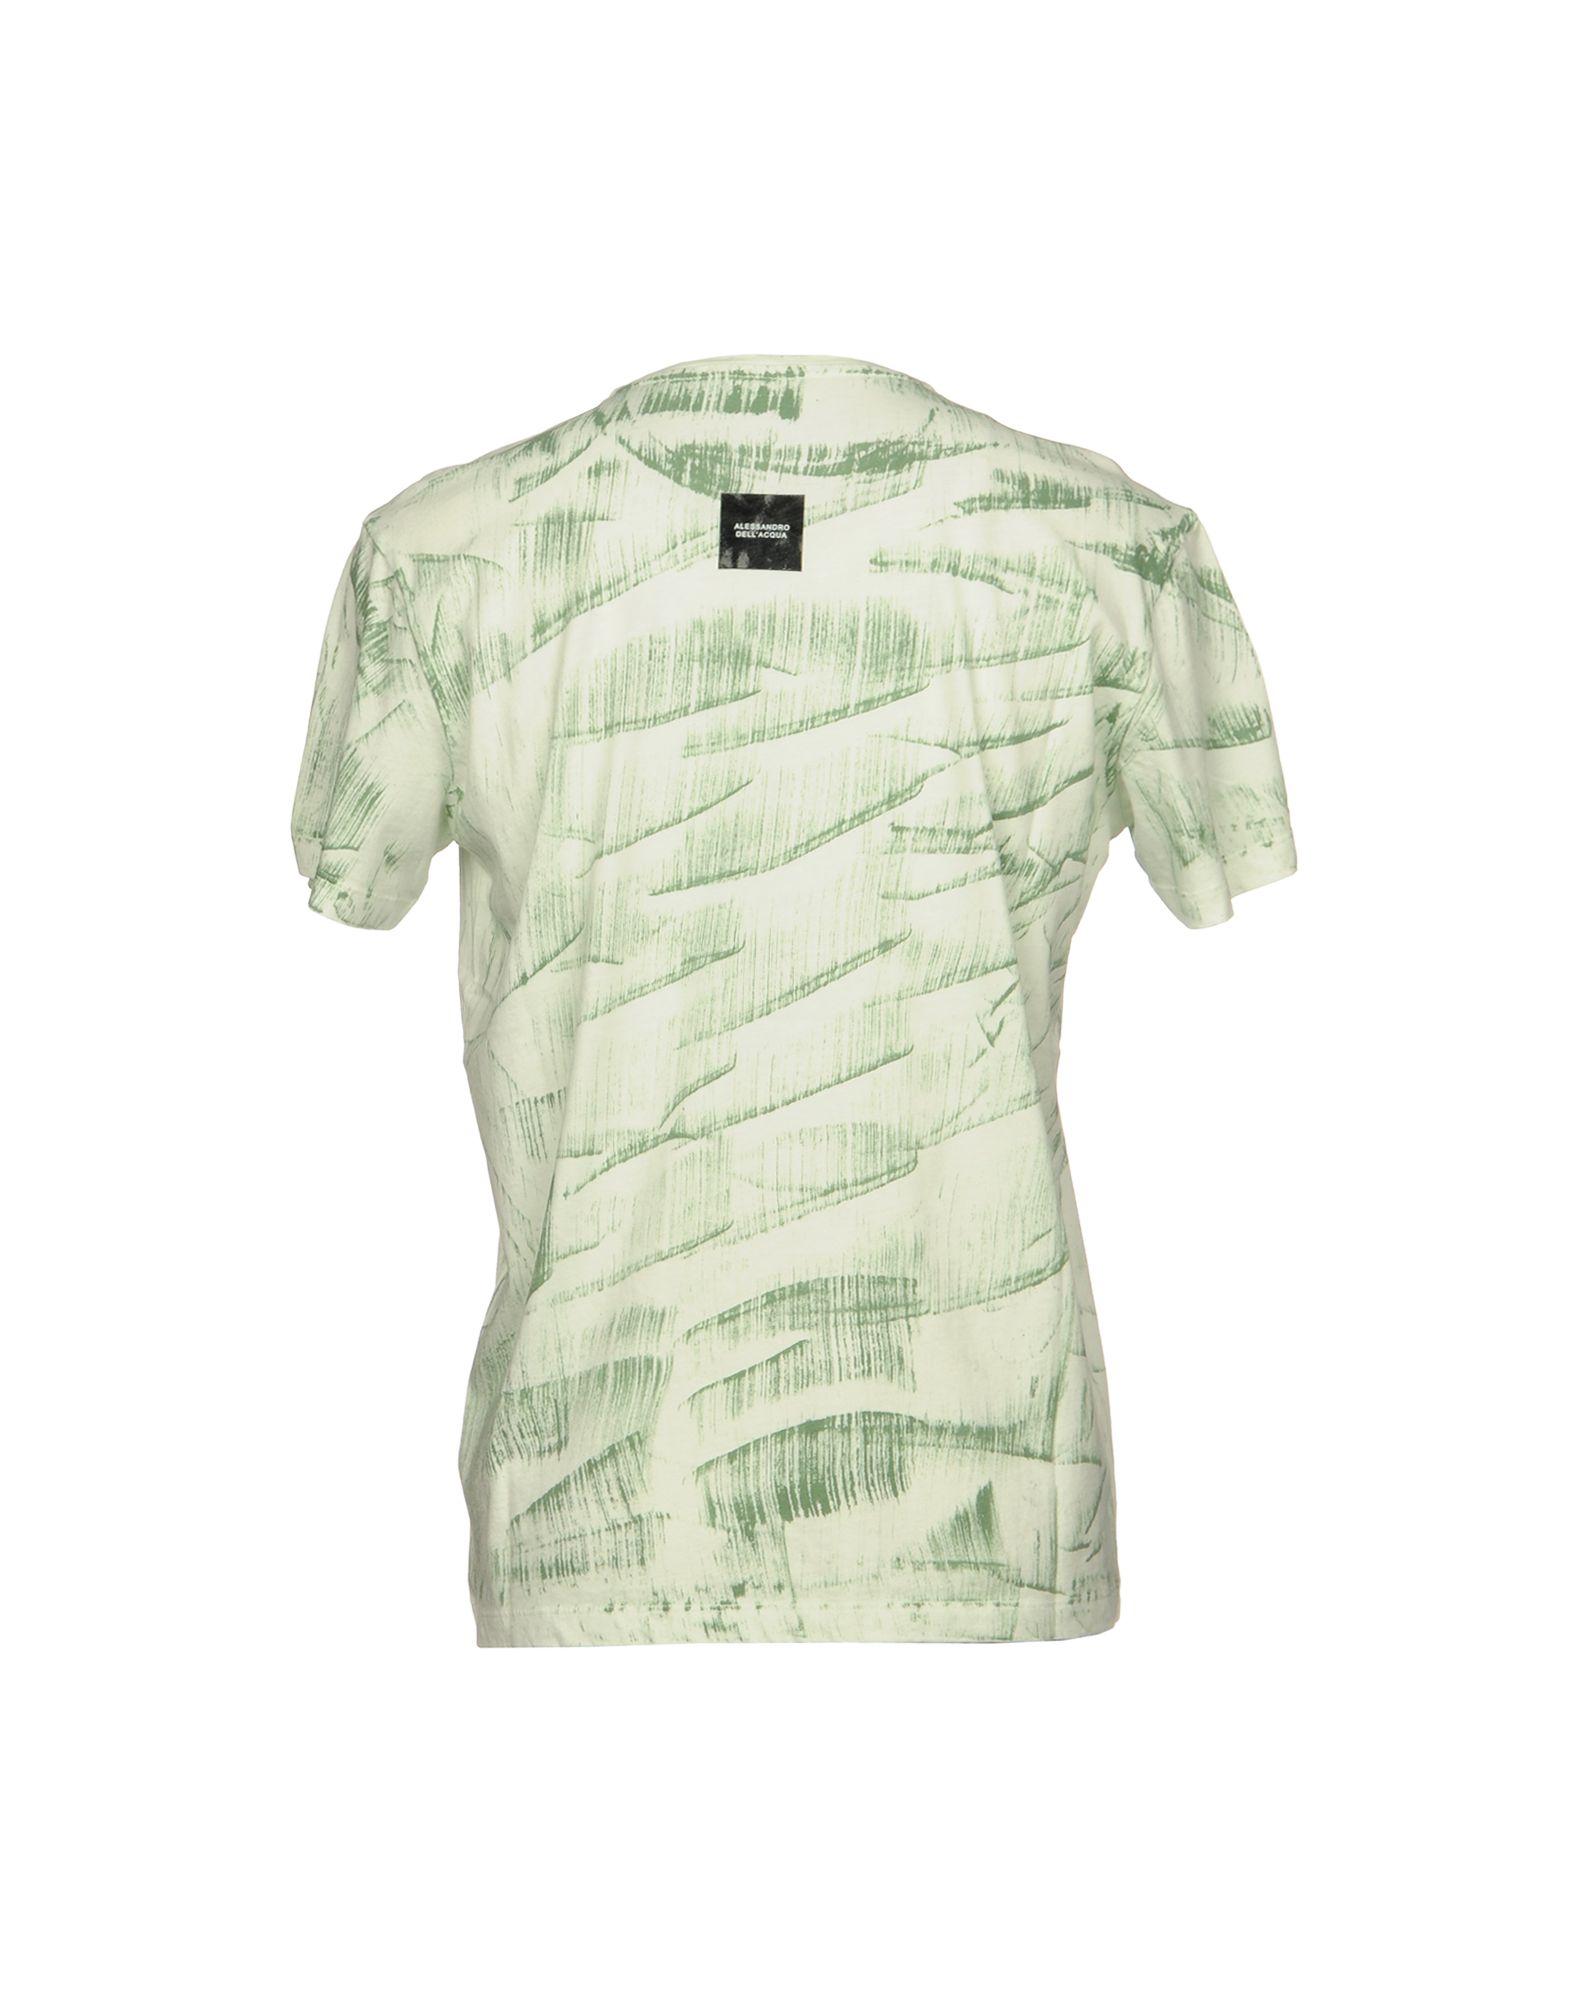 T-Shirt Alessandro Dell'acqua - Uomo - Dell'acqua 12080044EI af795e